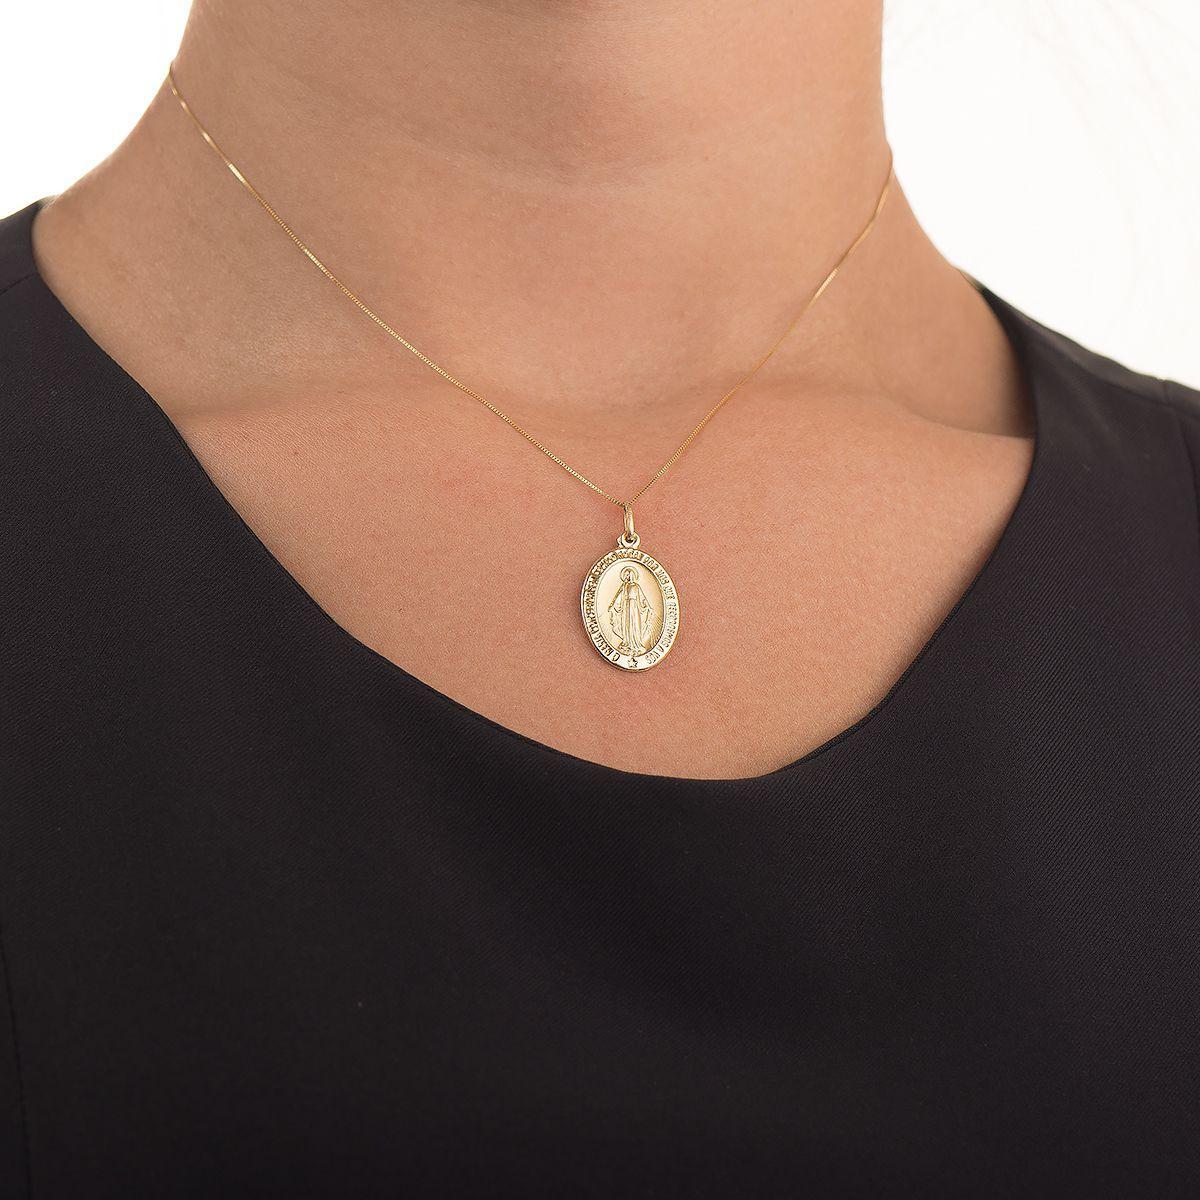 Pingente de Ouro 18k Medalha Nossa Senhora das Graças pi01471 - Joiasgold R   835,07 à vista. Adicionar à sacola 133982e6ee